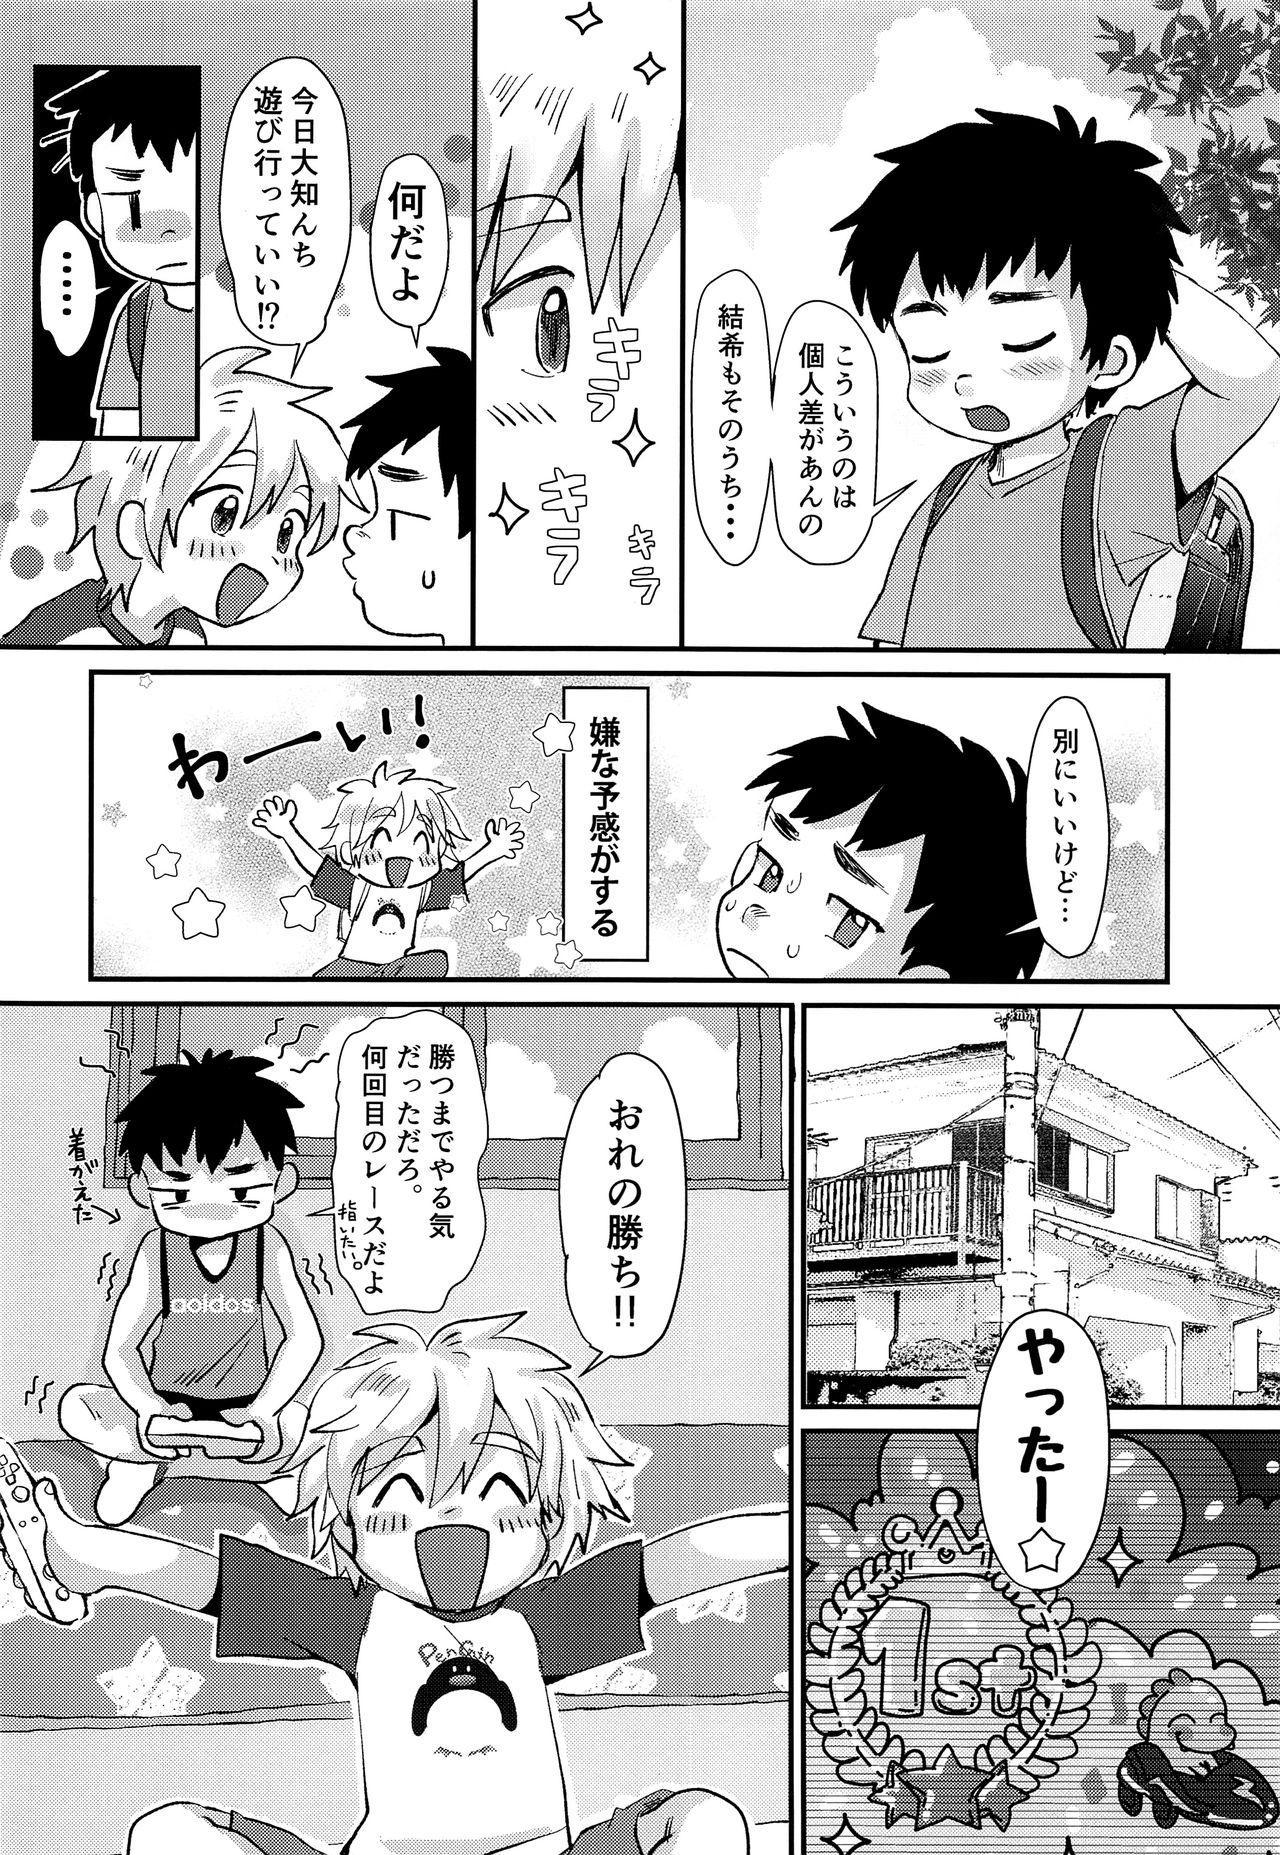 Kinou no Hanashi 4